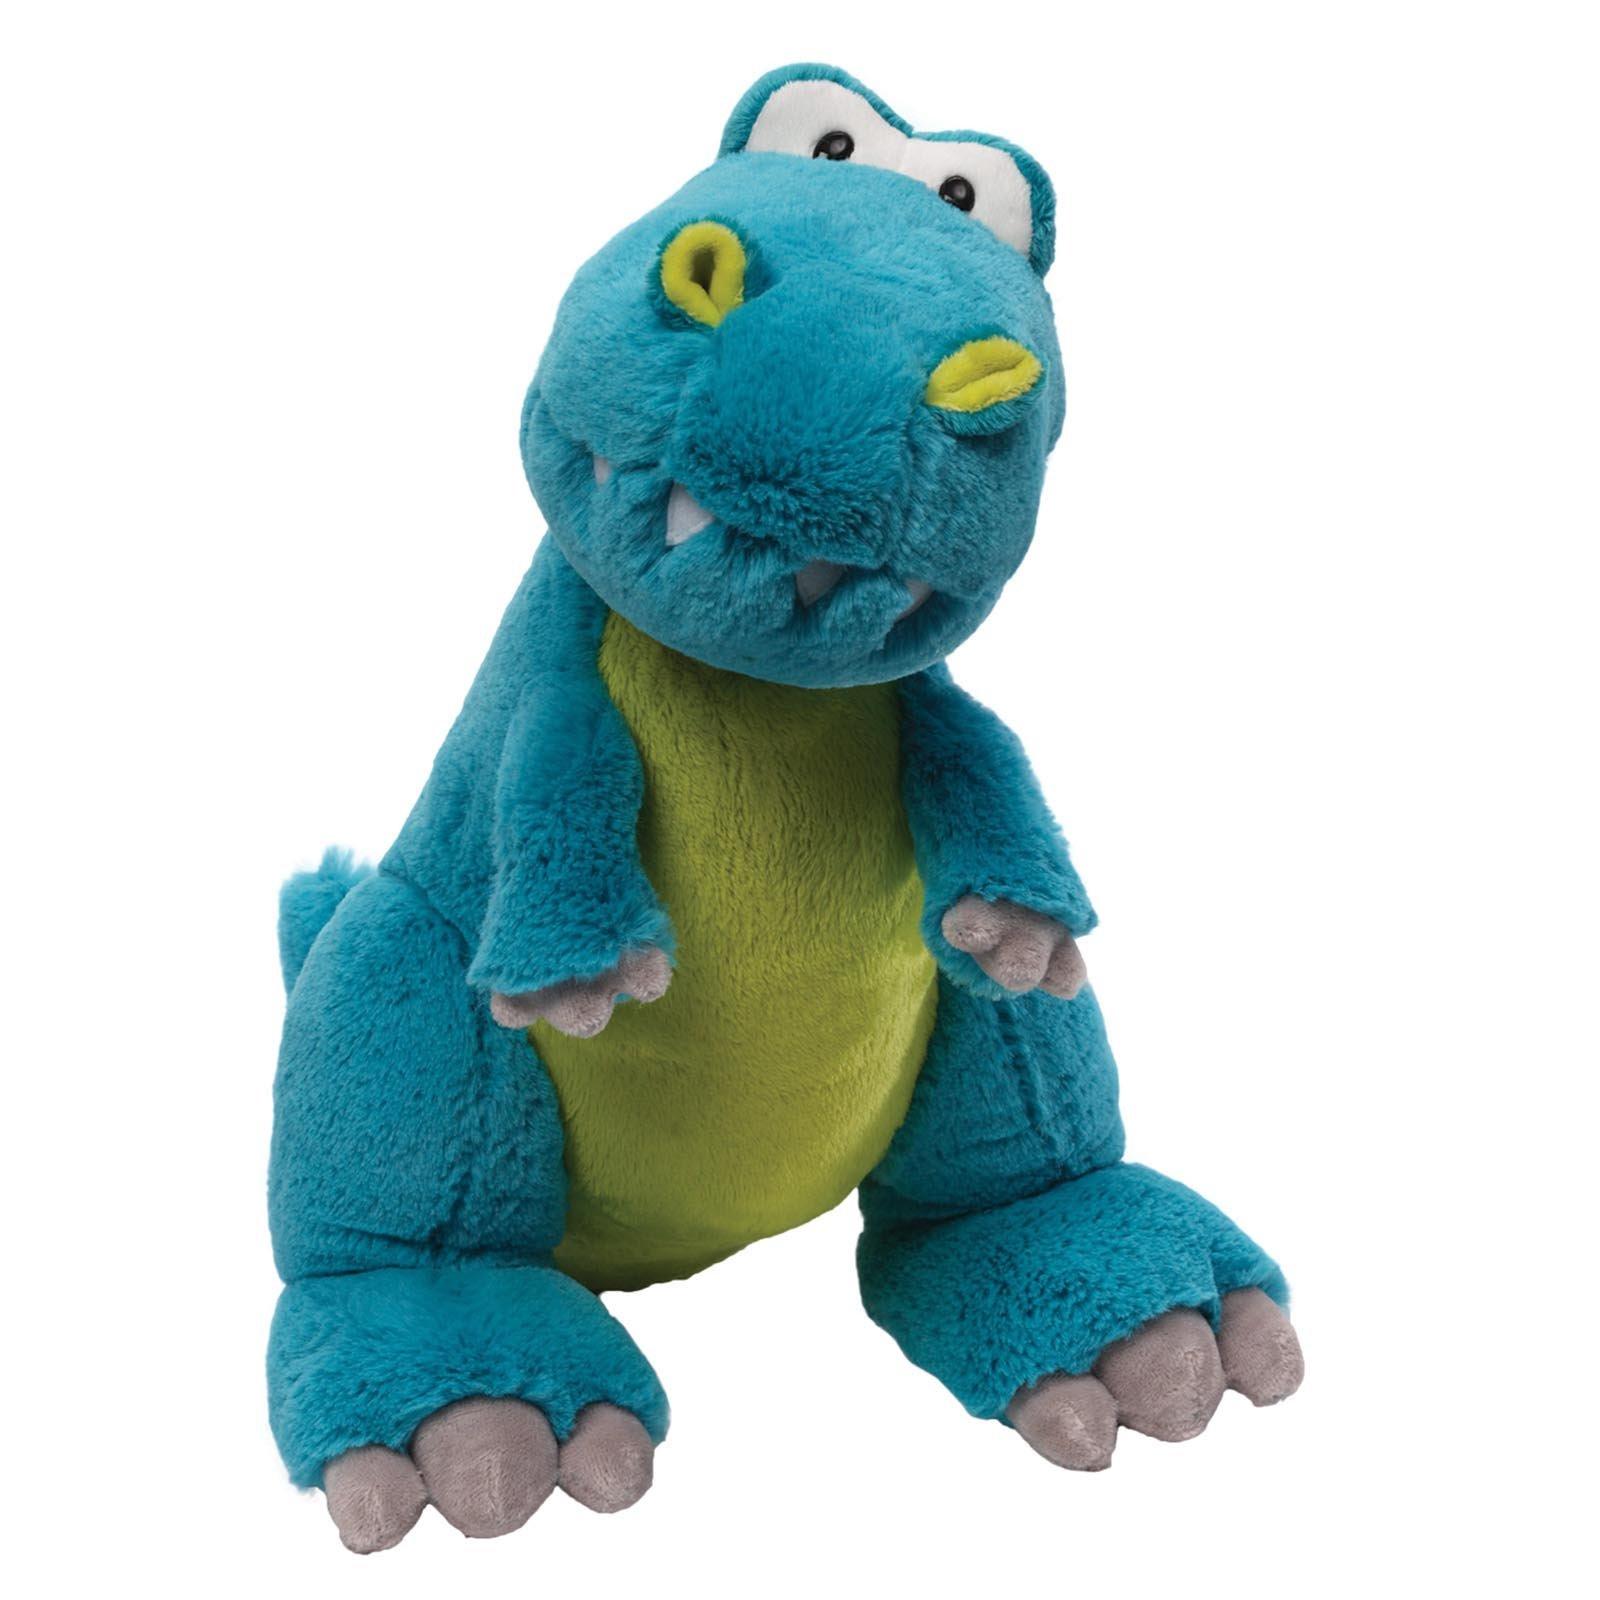 GUND Rexie T-Rex Dinosaur Stuffed Animal Plush, Blue, 13.5'' by GUND